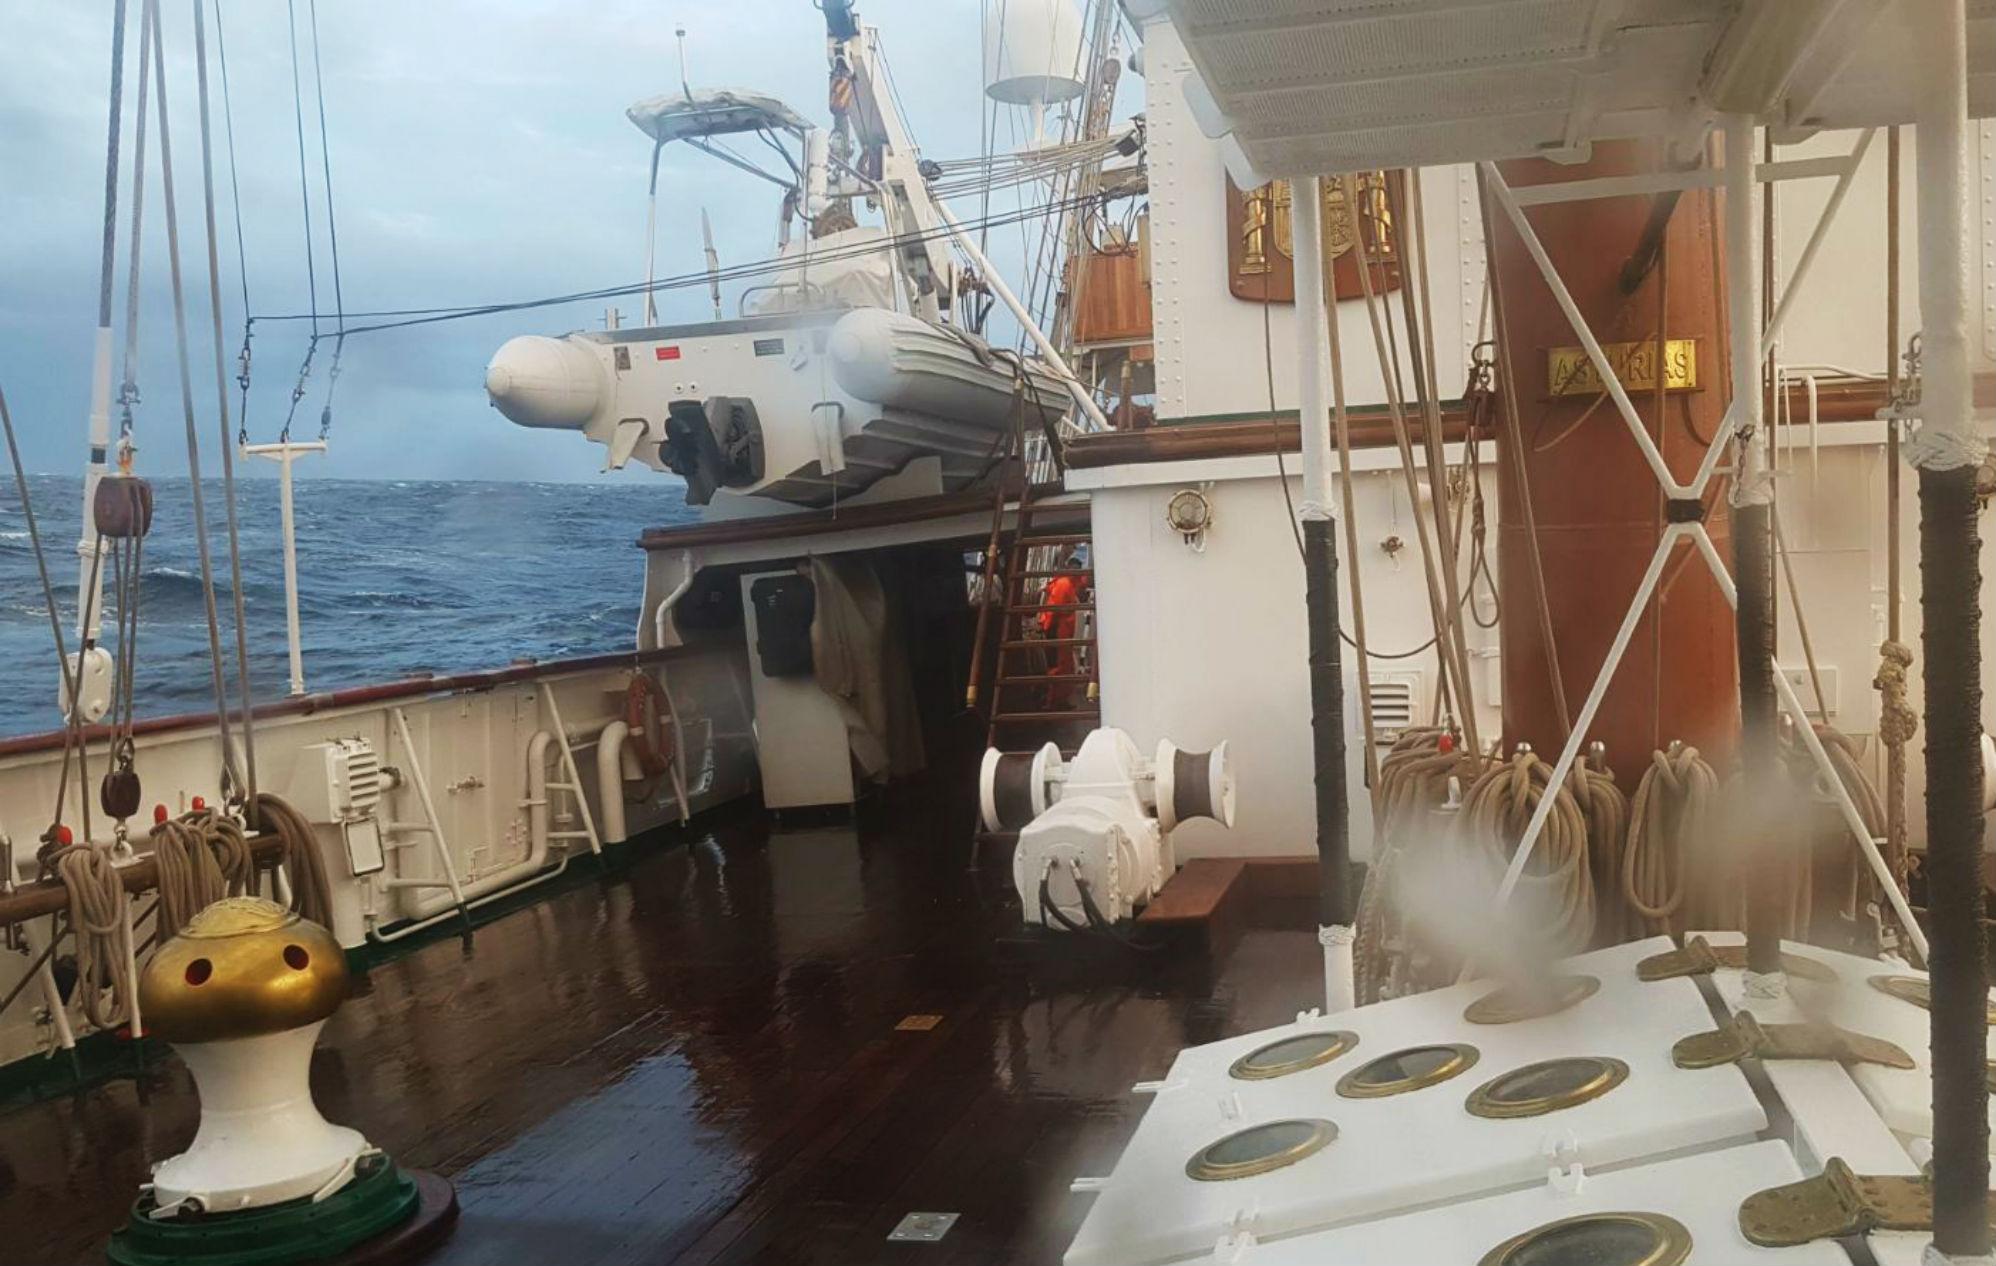 El temporal empieza a azotar a Elcano